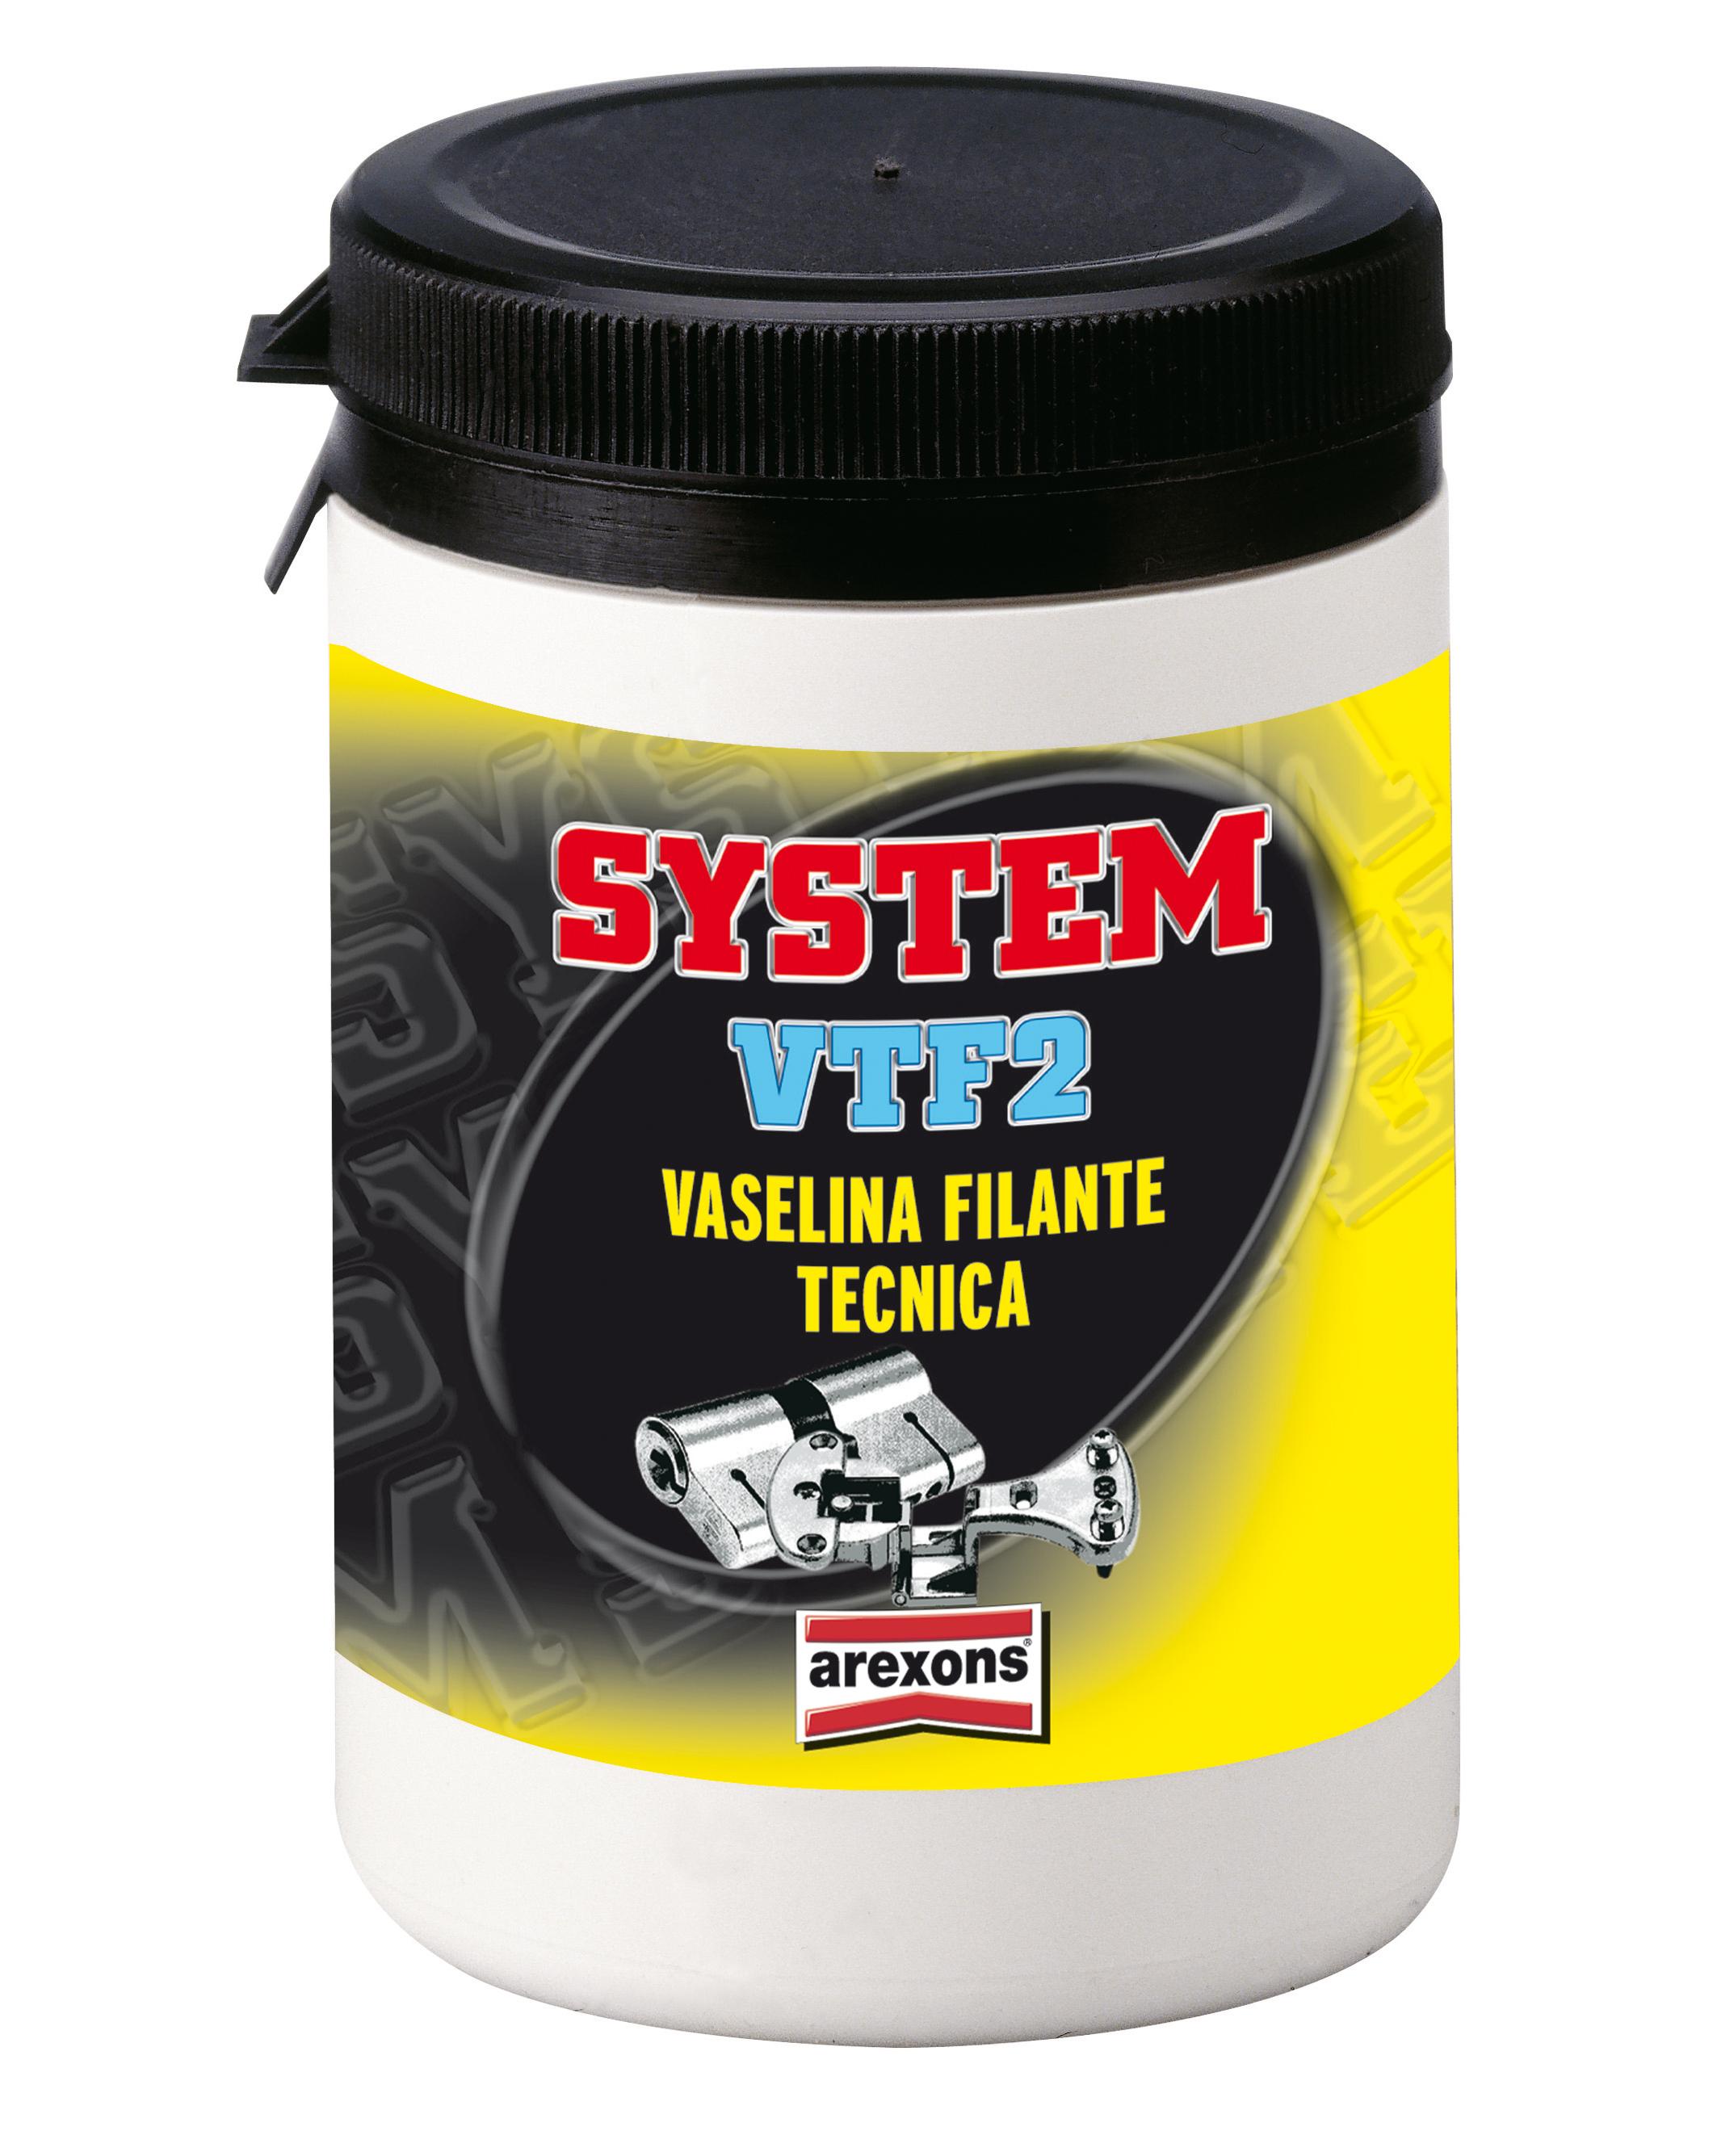 VFT2 - Technická hustá vazelína